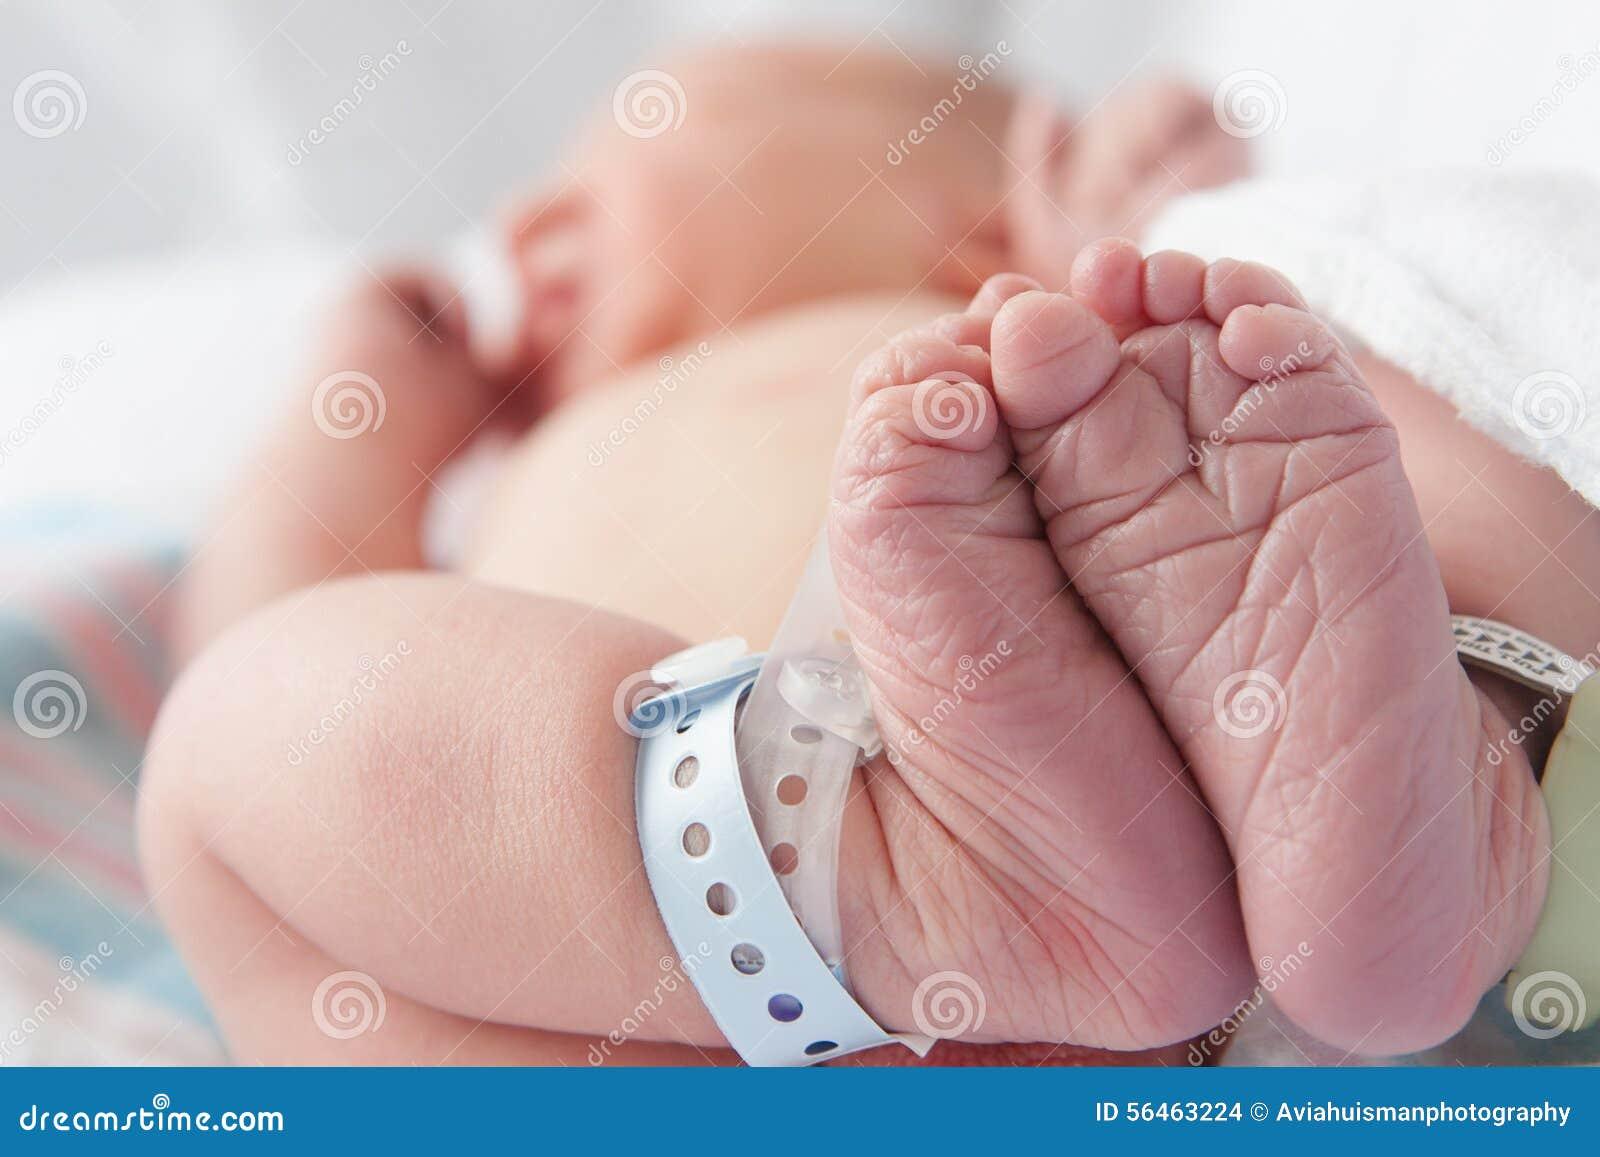 Neugeborene Füße